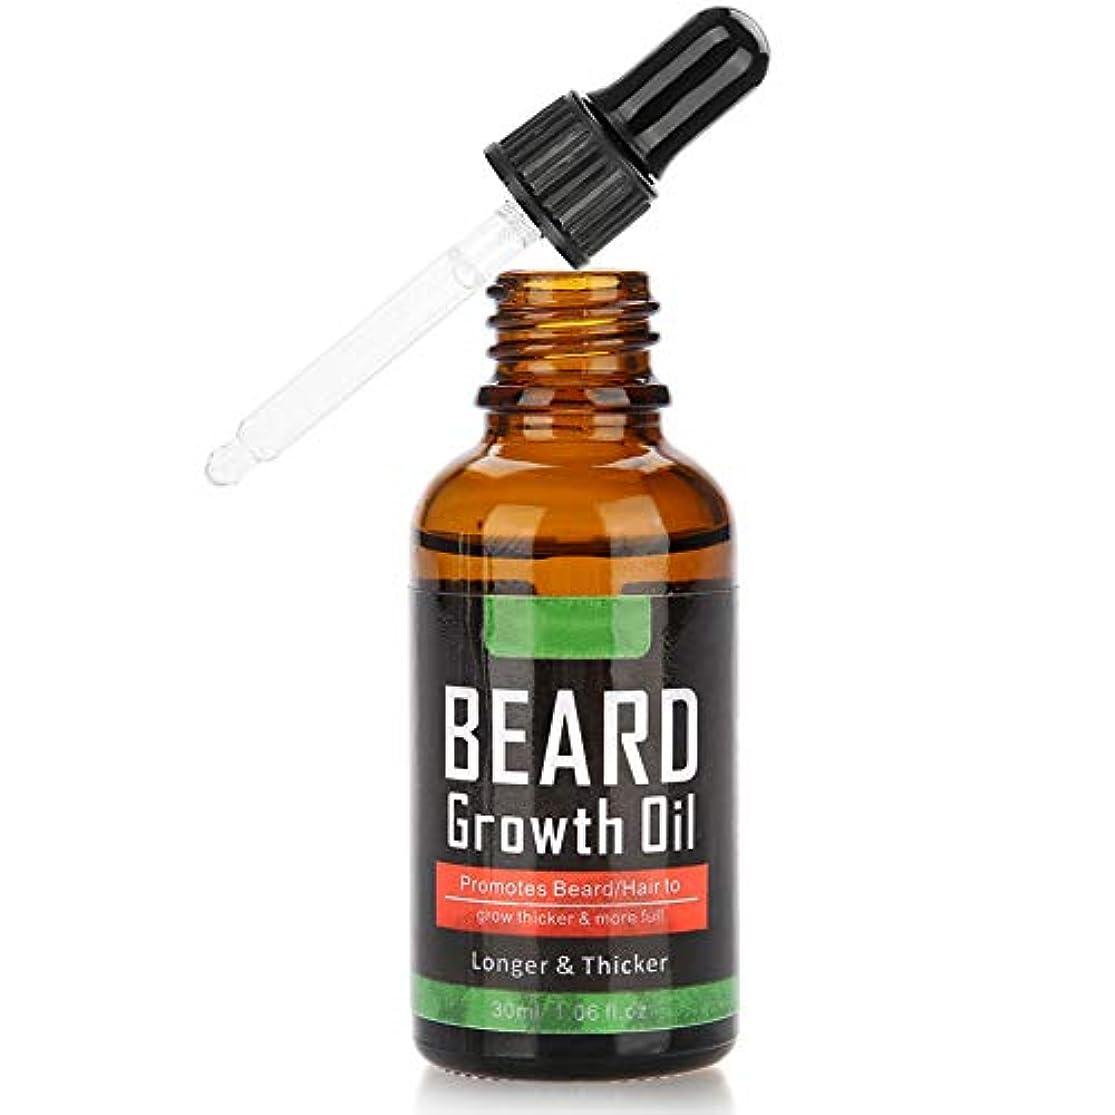 命題レジデンスハウジングひげ油 男性用ビアードオイル 30ml グルーミング ひげの成長 保湿 コンディショナー ひげの成長 保湿 ビアードケア製品